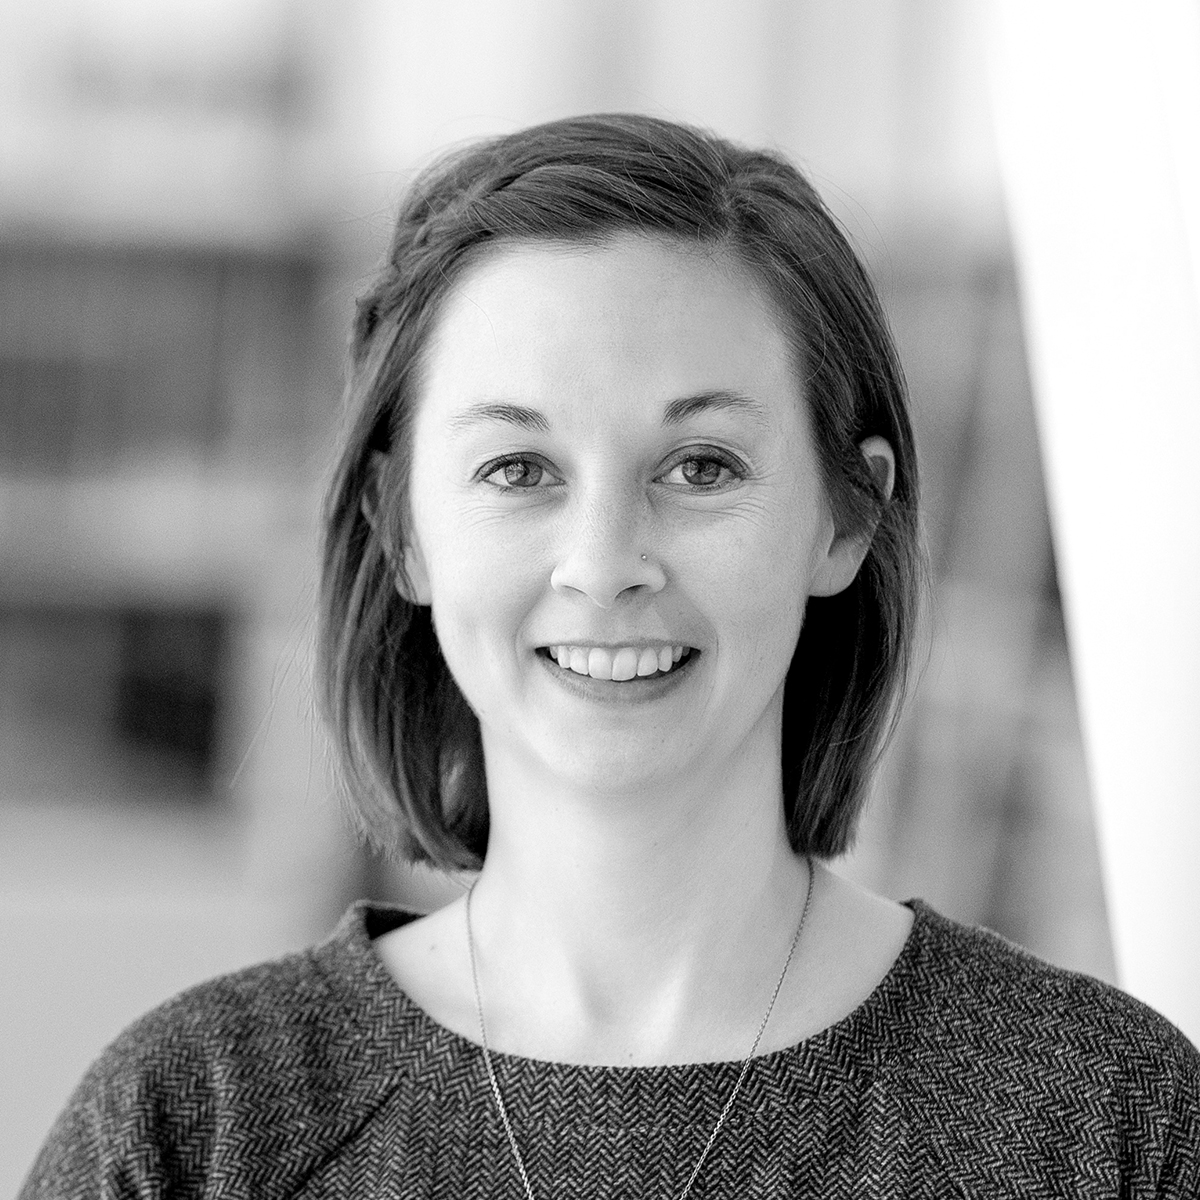 Amanda Breitenbach